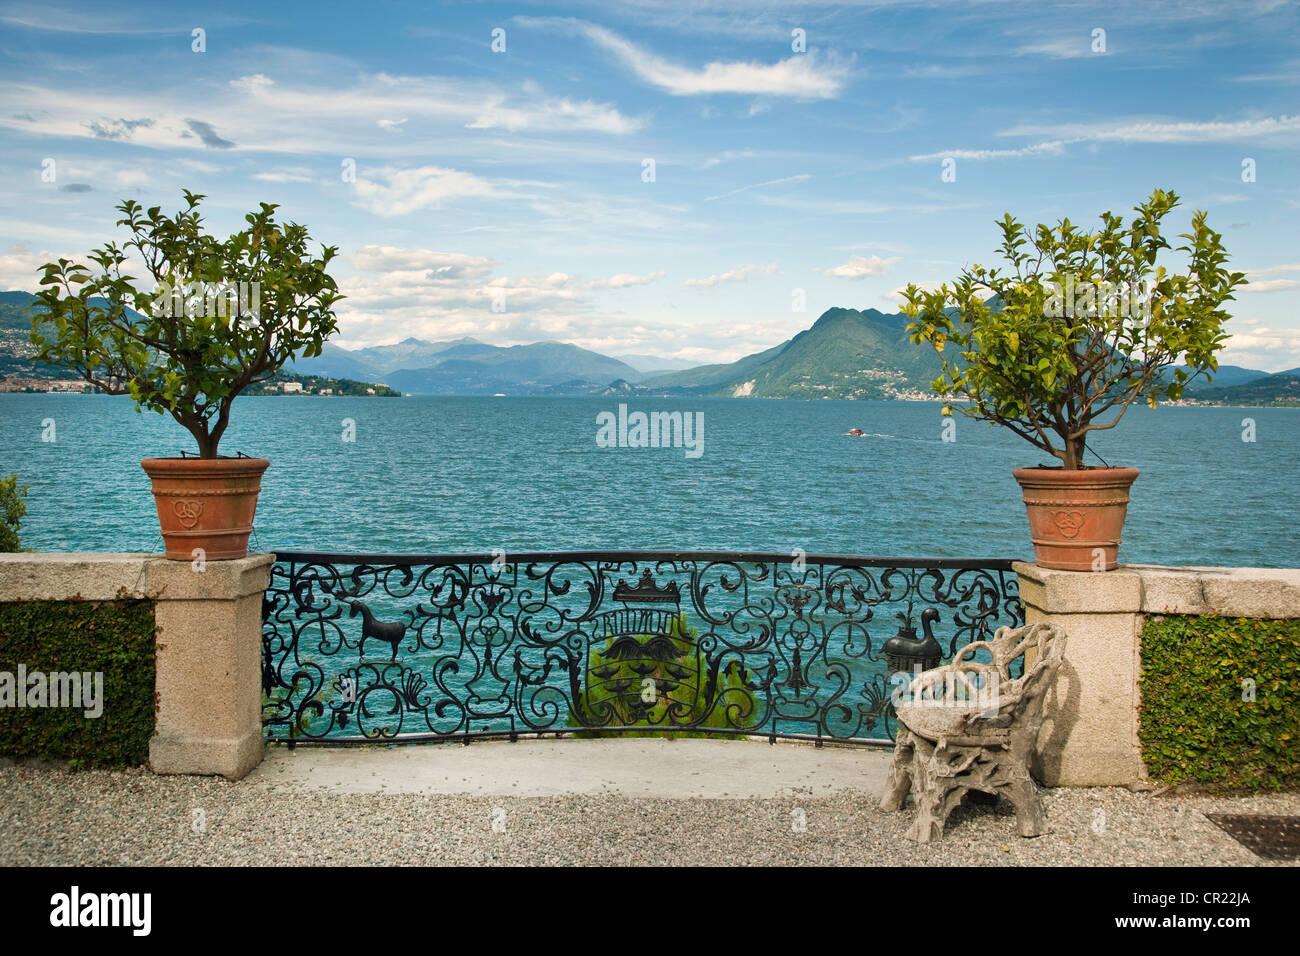 Verzierten Geländer am Wasser Stockbild